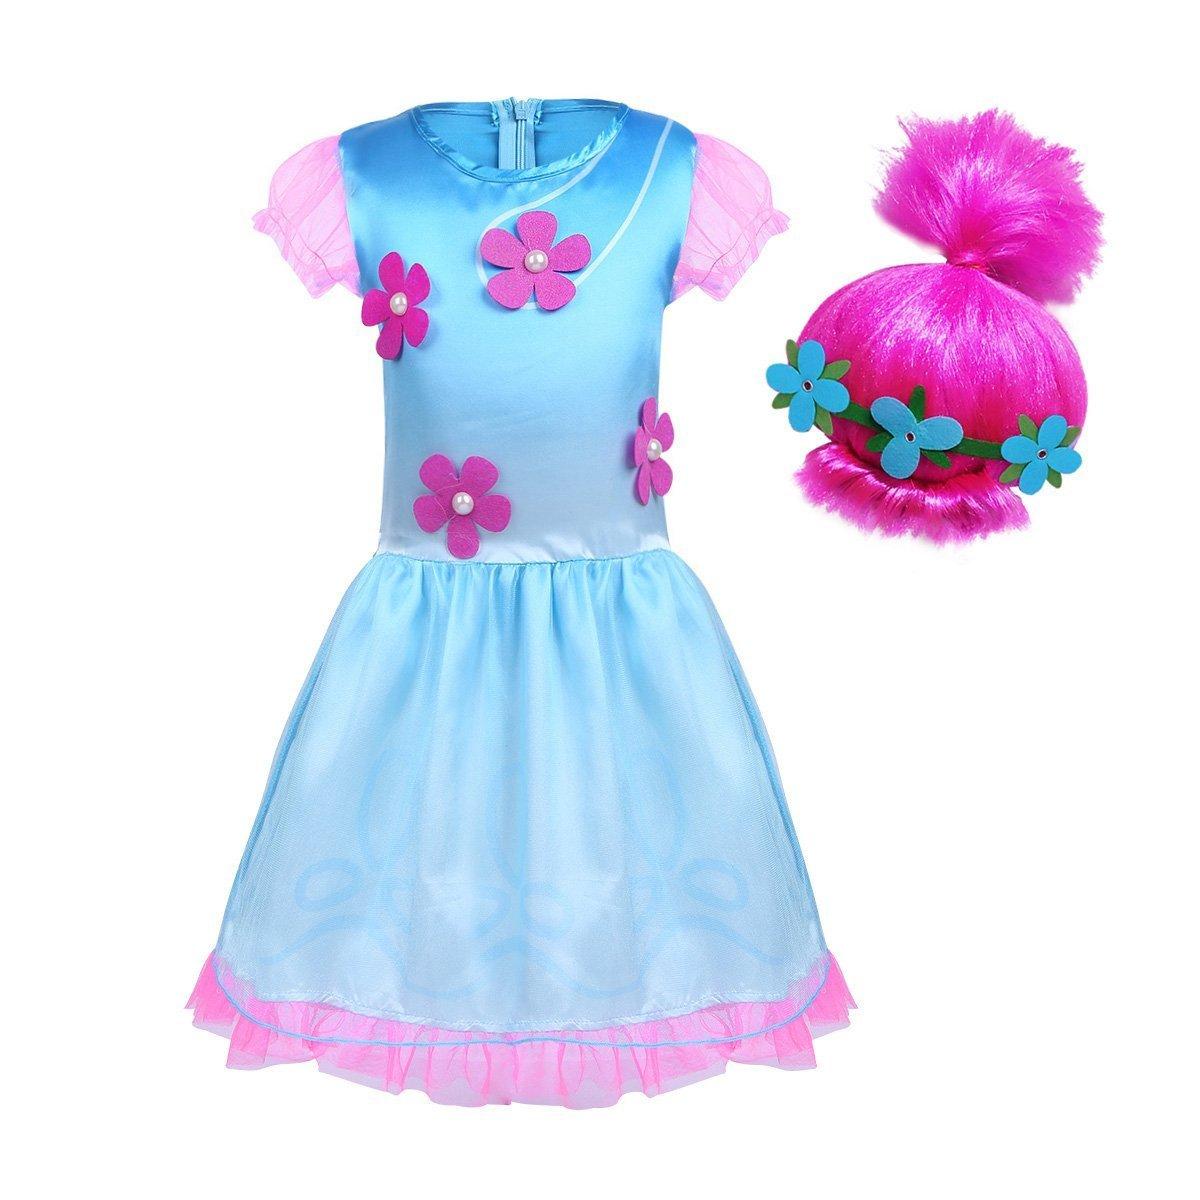 BT WILLING Disfraz de princesa para Halloween, disfraz con peluca: Amazon.es: Productos para mascotas